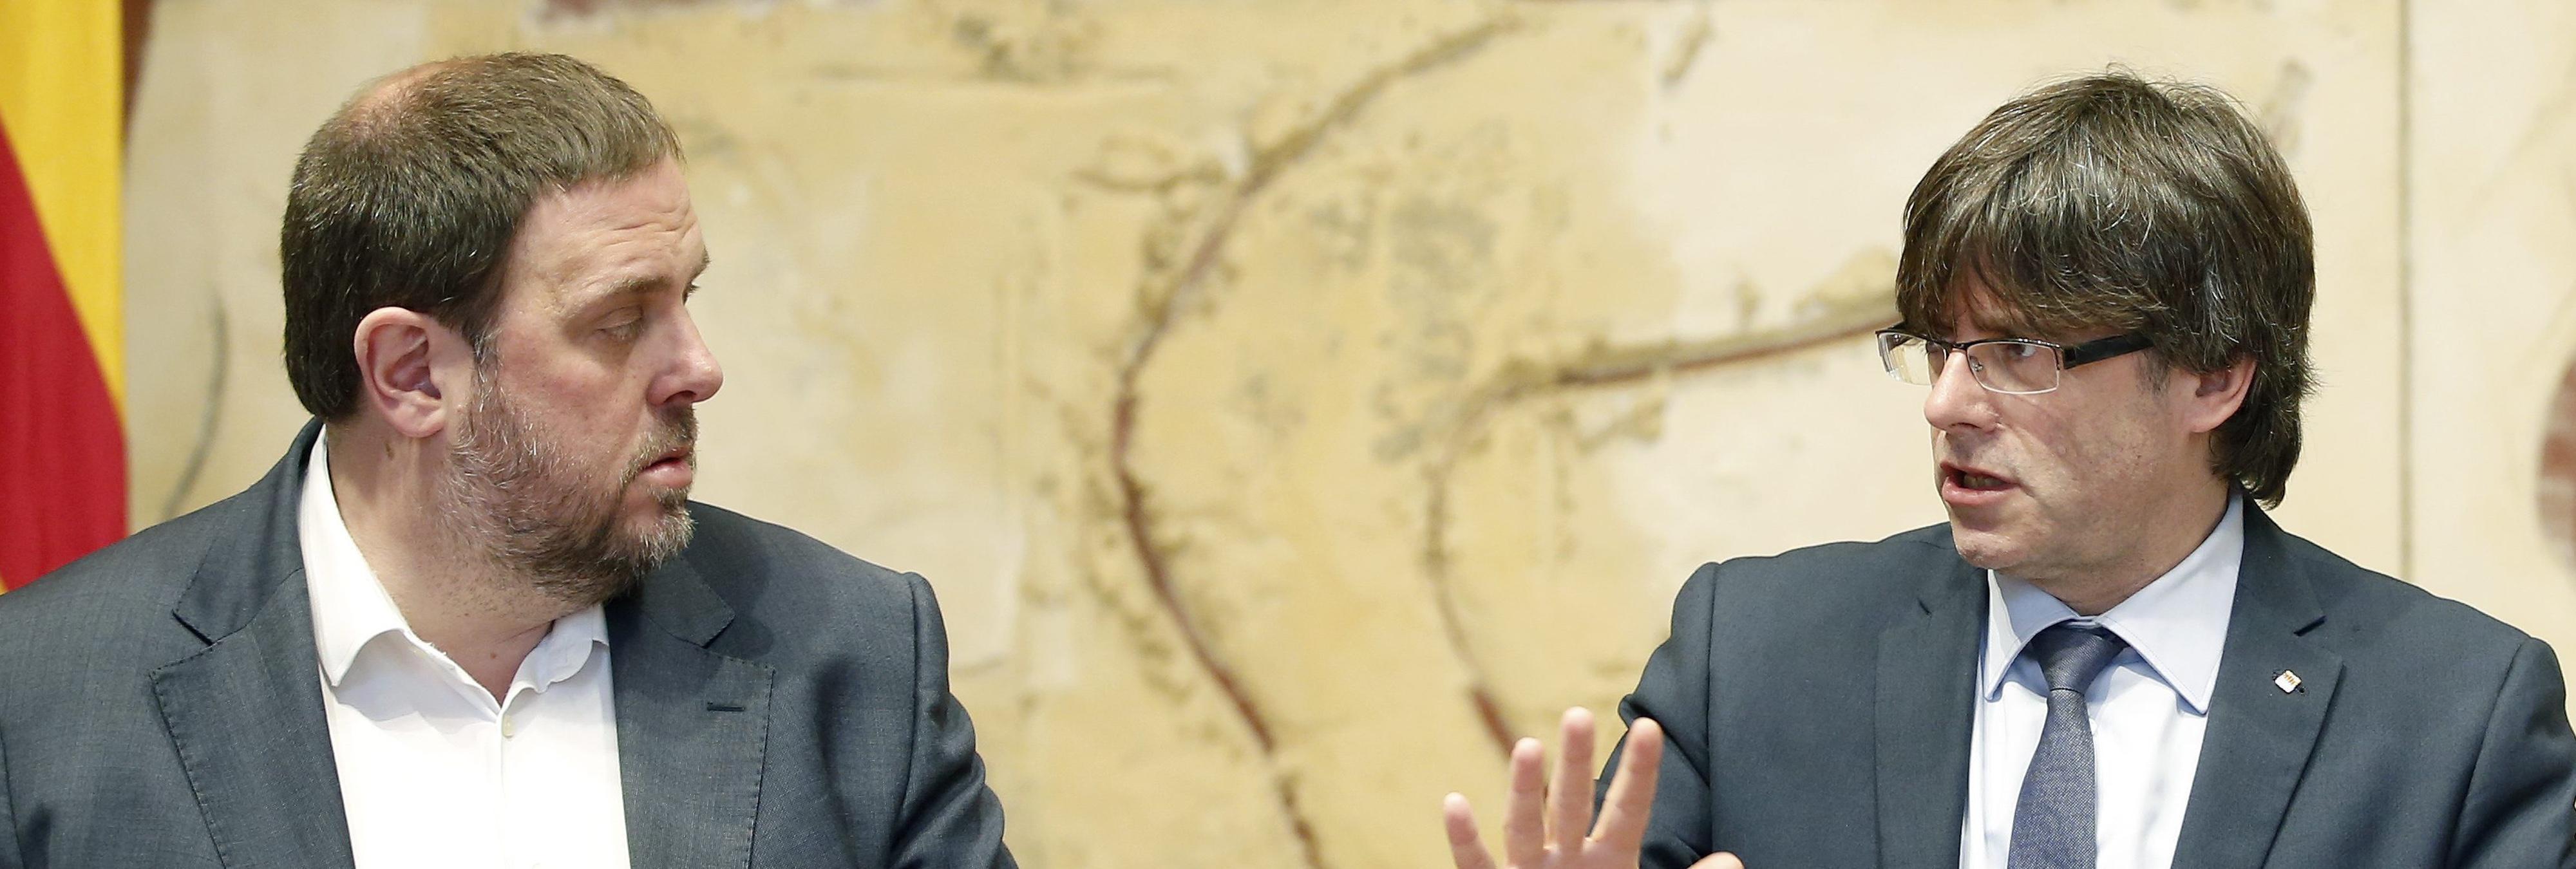 El Govern catalán decide ocultar a la Hacienda española todos sus gastos semanales